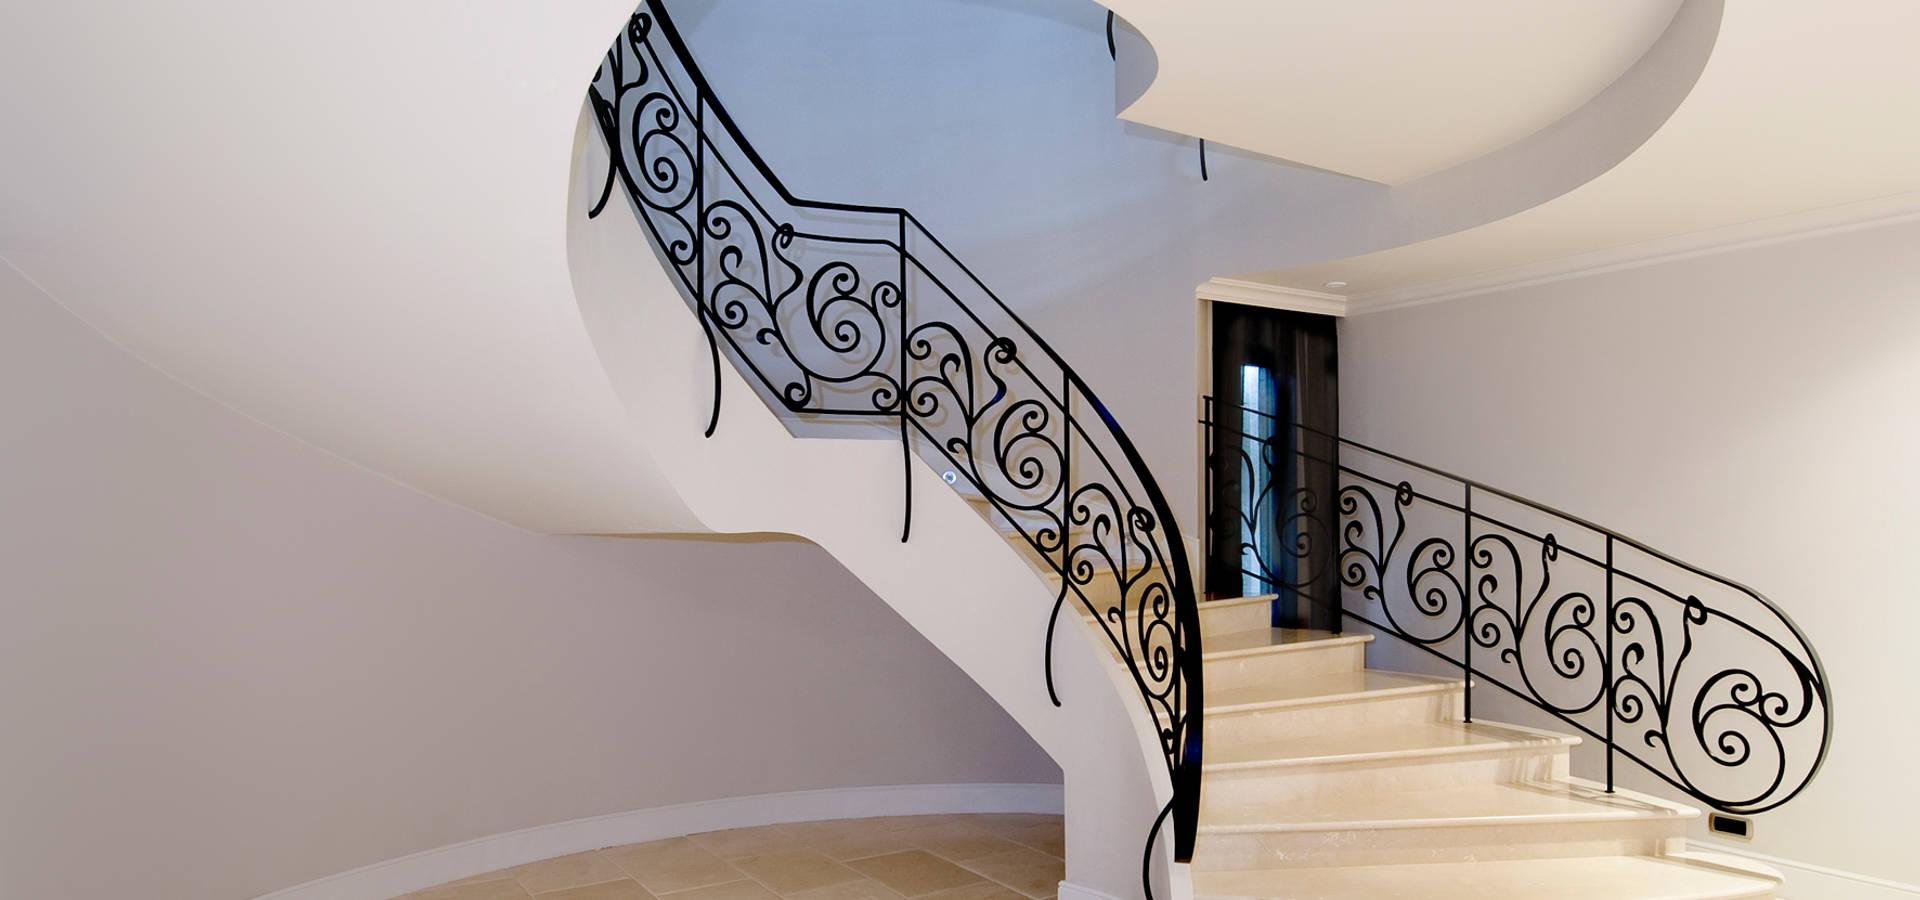 Sara folch interior designer decoradores y dise adores de - Decoradores de interiores barcelona ...